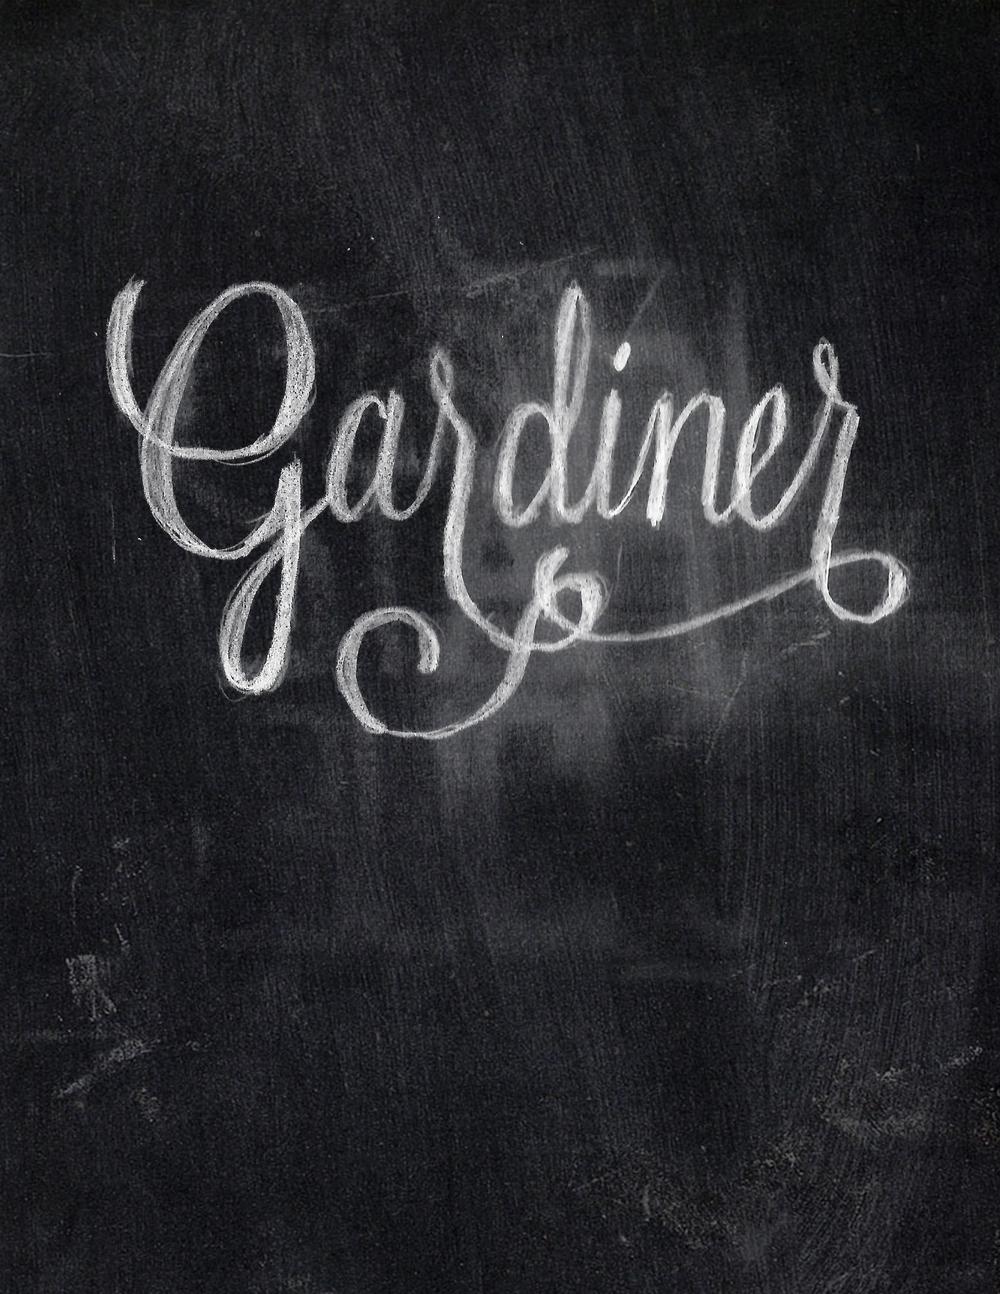 Gardiner.jpg